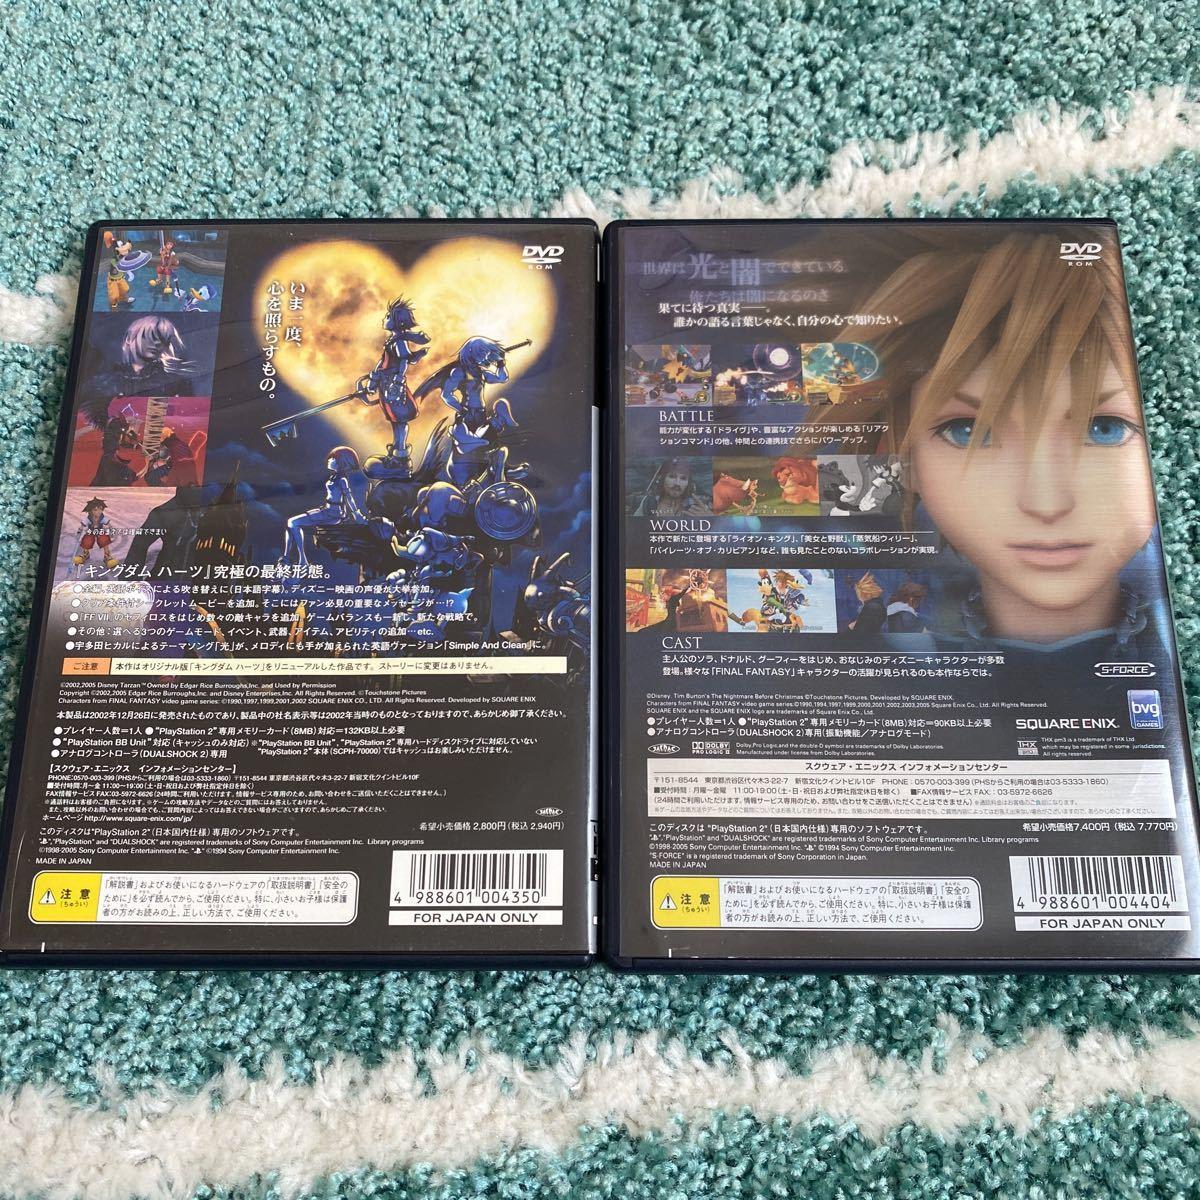 プレステ2ソフト キングダムハーツ PS2 キングダムハーツファイナルミックス